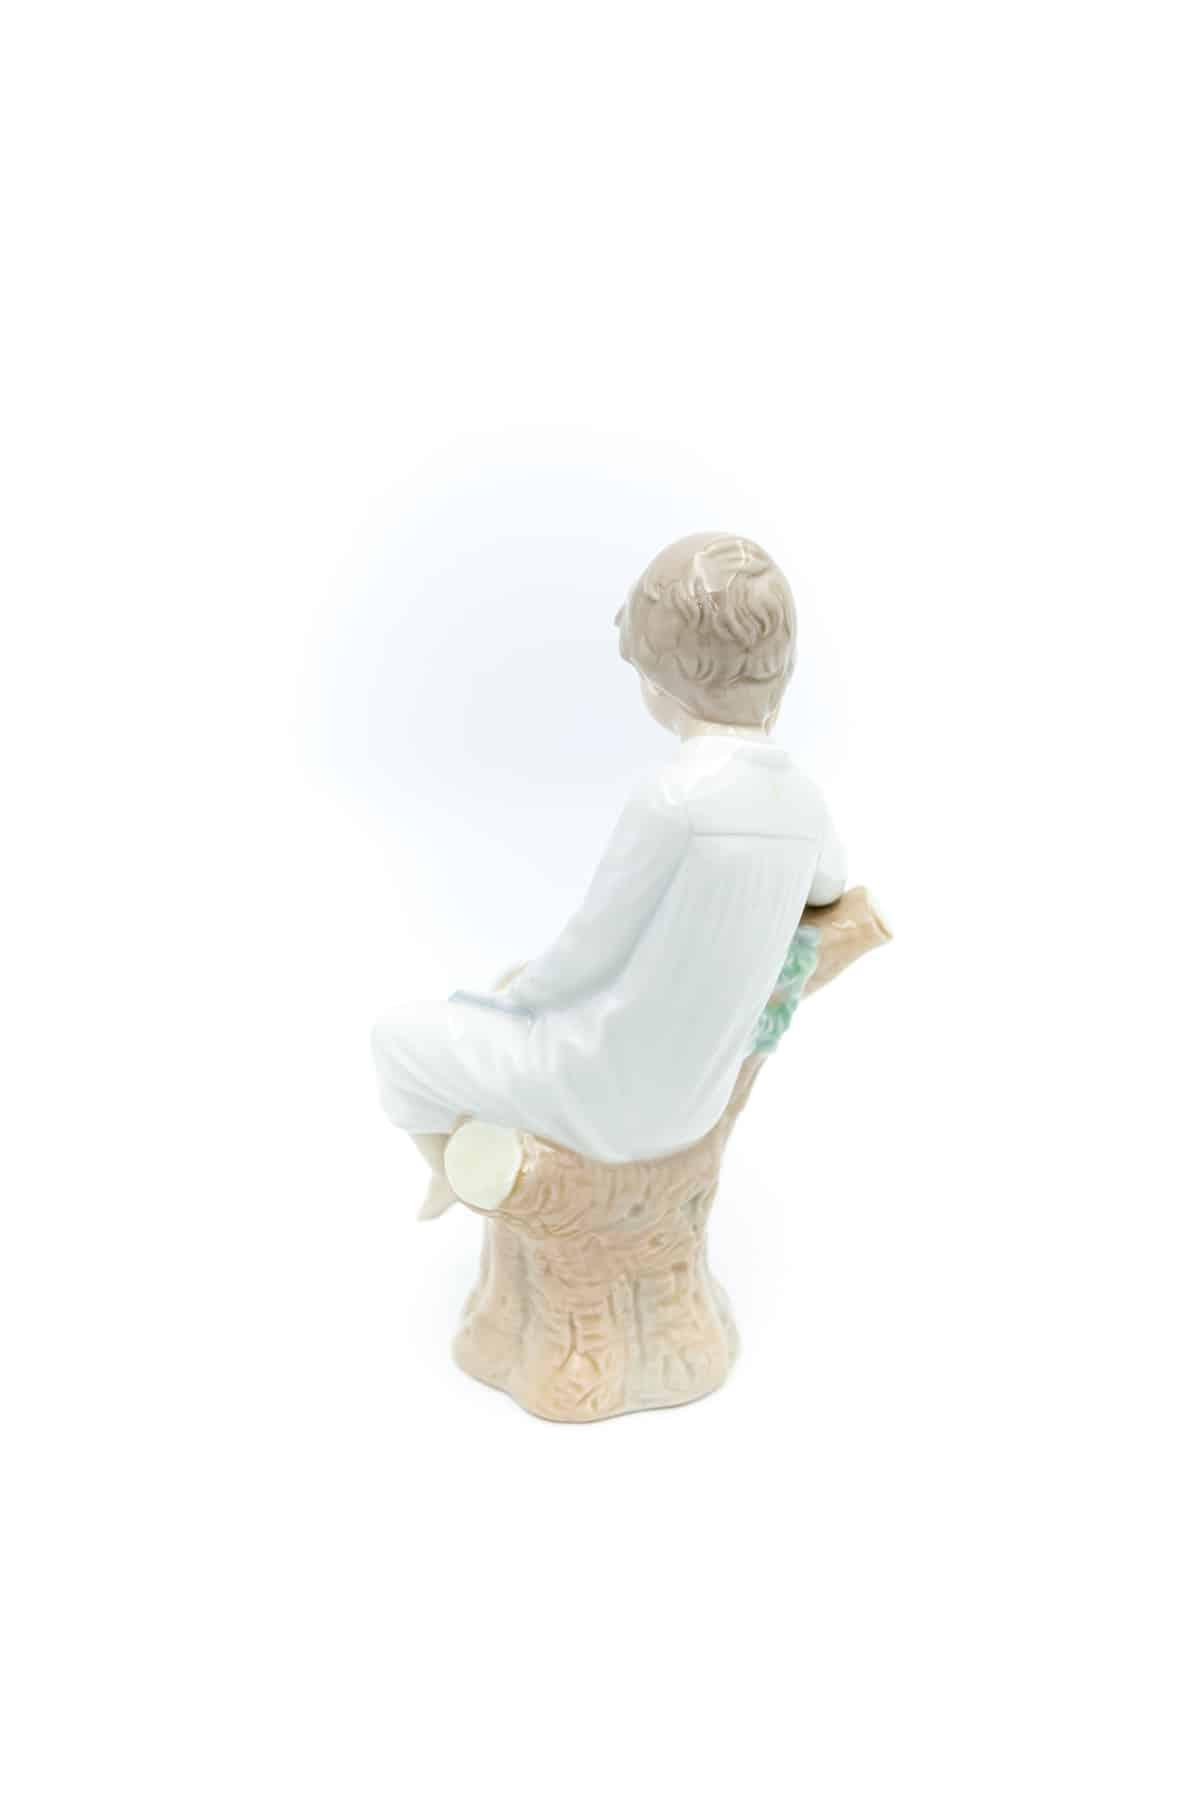 farforovaya statuetka malchik s knigoy